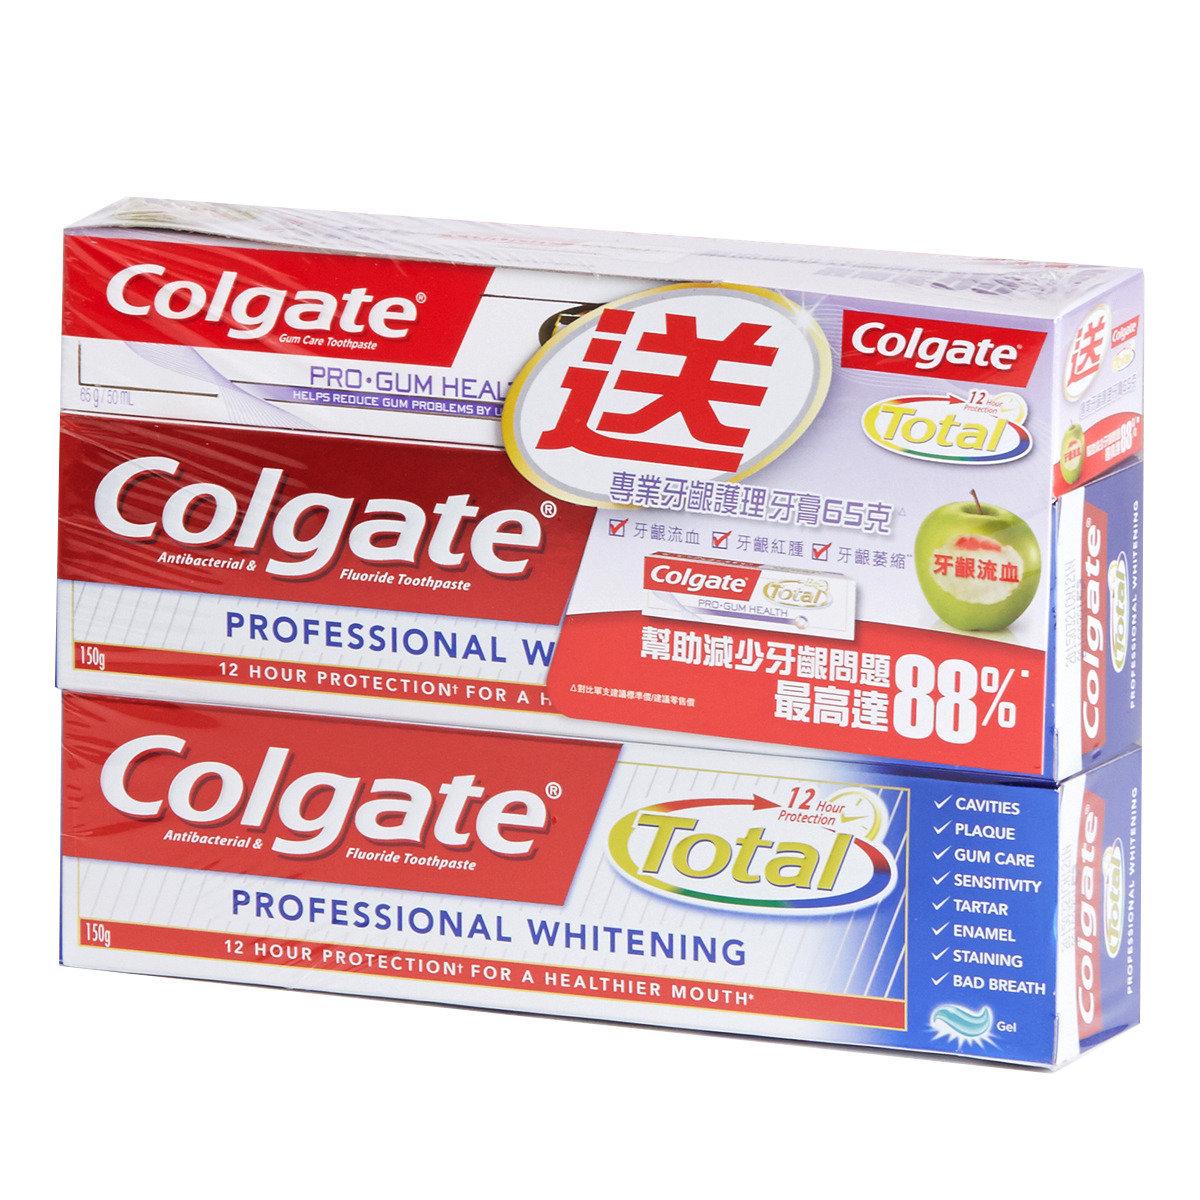 專業美白牙膏 + 牙齦護理牙膏